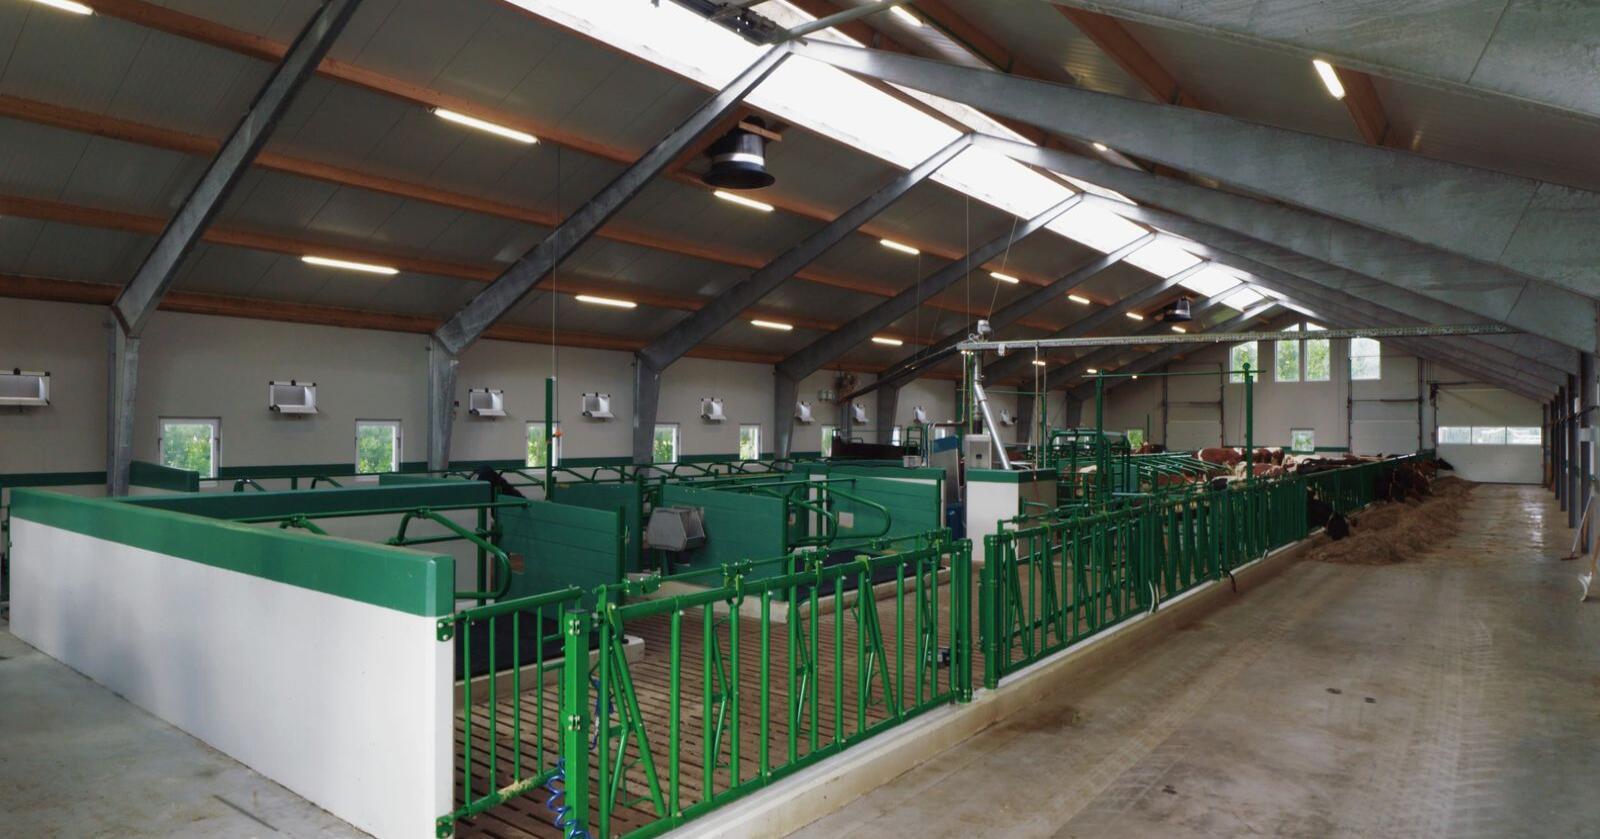 Reime Landteknikk satser tungt på de som ønsker å oppgradere og modernisere melkeproduksjonen, og kan levere både standard og skreddersøm til bøndene. Foto: Reime.